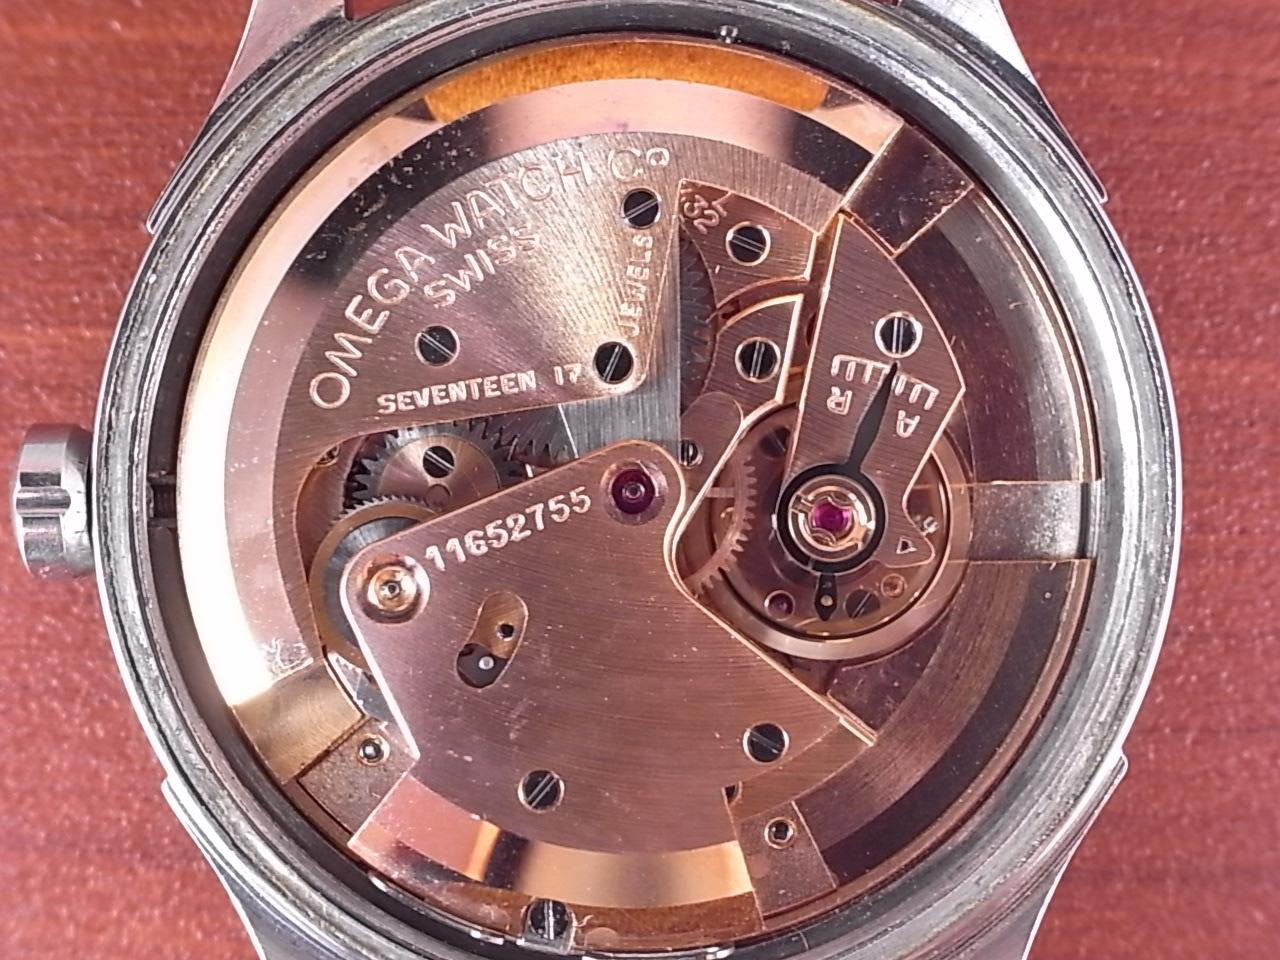 オメガ 2トーンダイアル バンパー オートマチック Cal.332 1940年代の写真5枚目